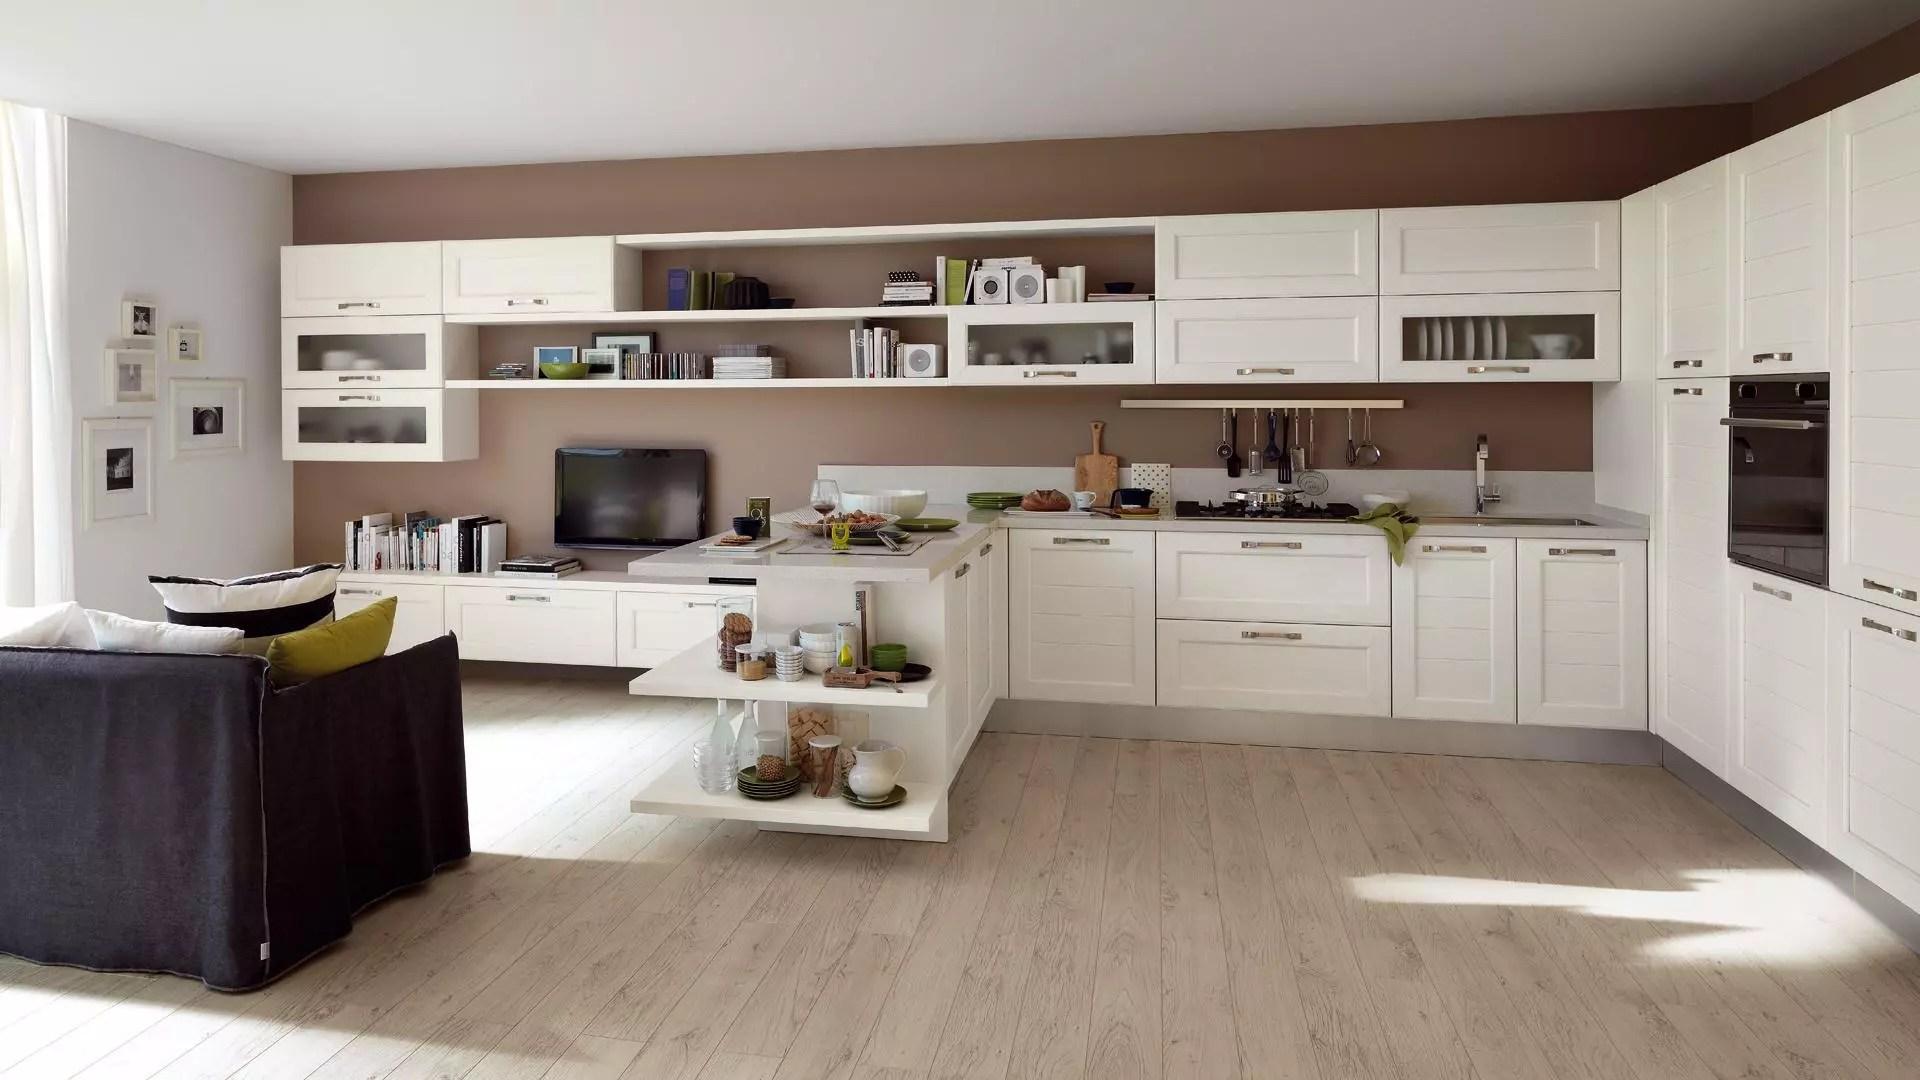 Cucina Classica Bianca Lube | Asolo - Diotti A&f Italian ...